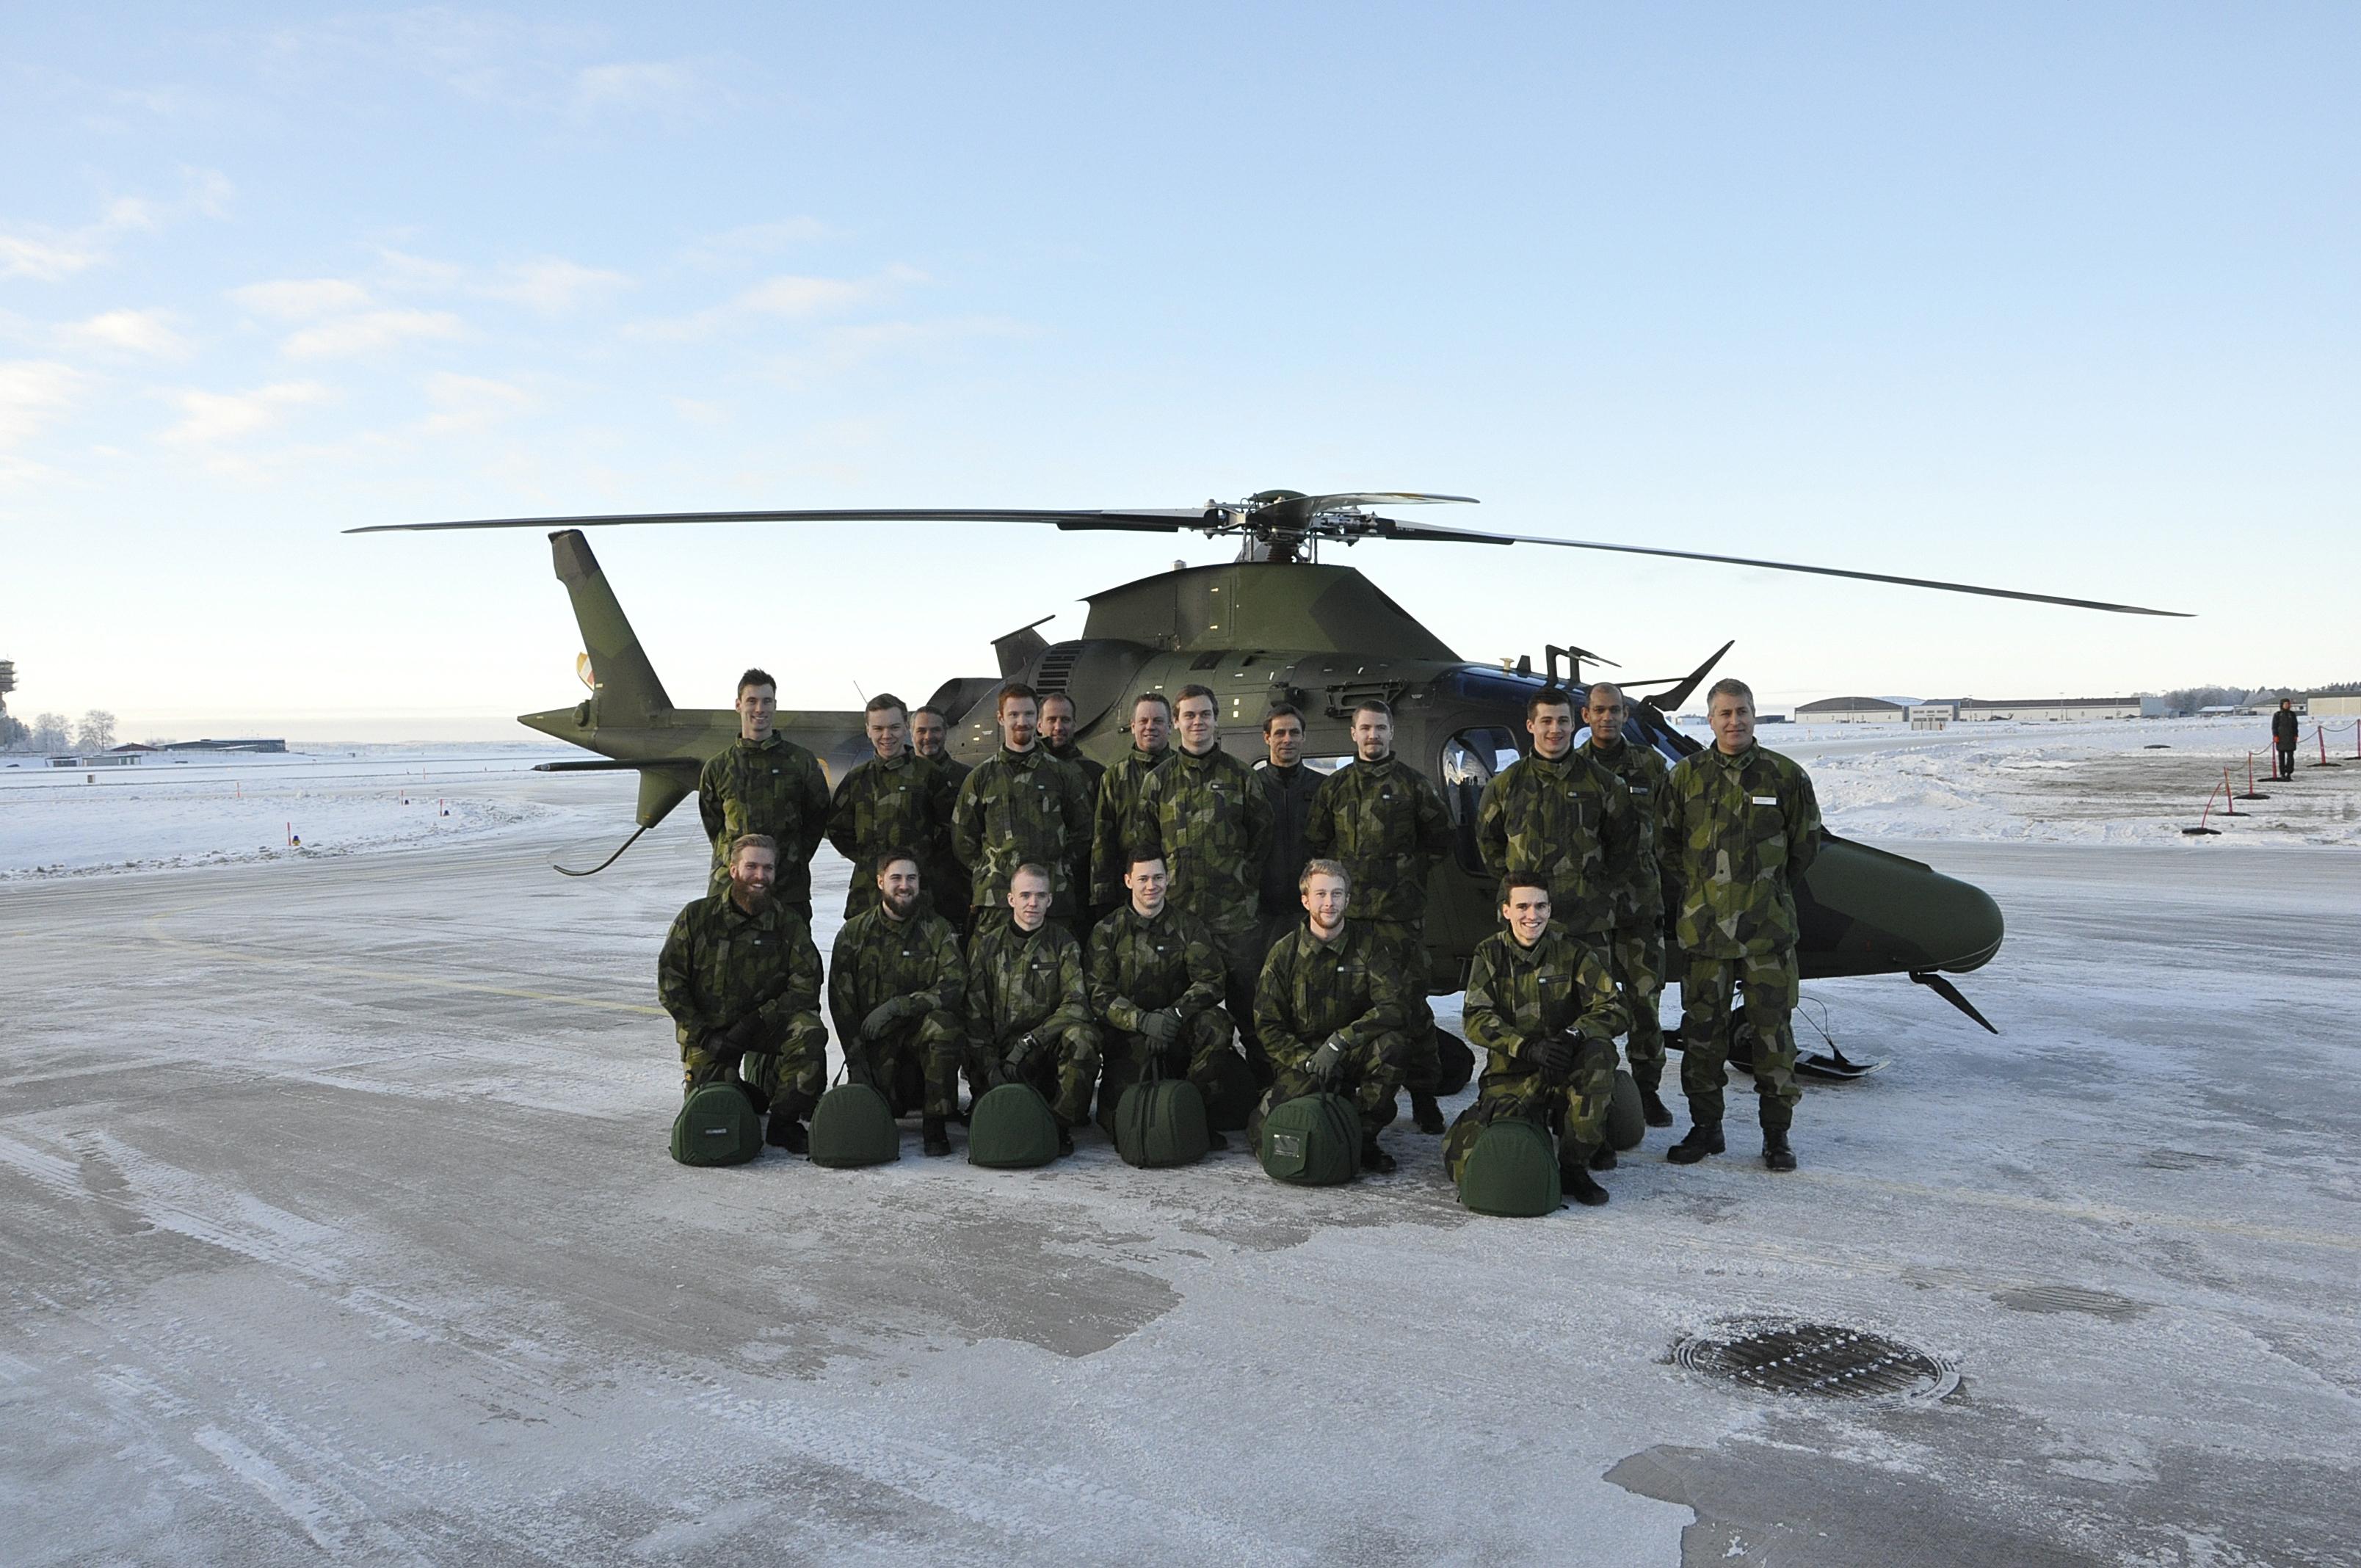 GFU/H 151 med inspekterande gör sig klara för flygning.